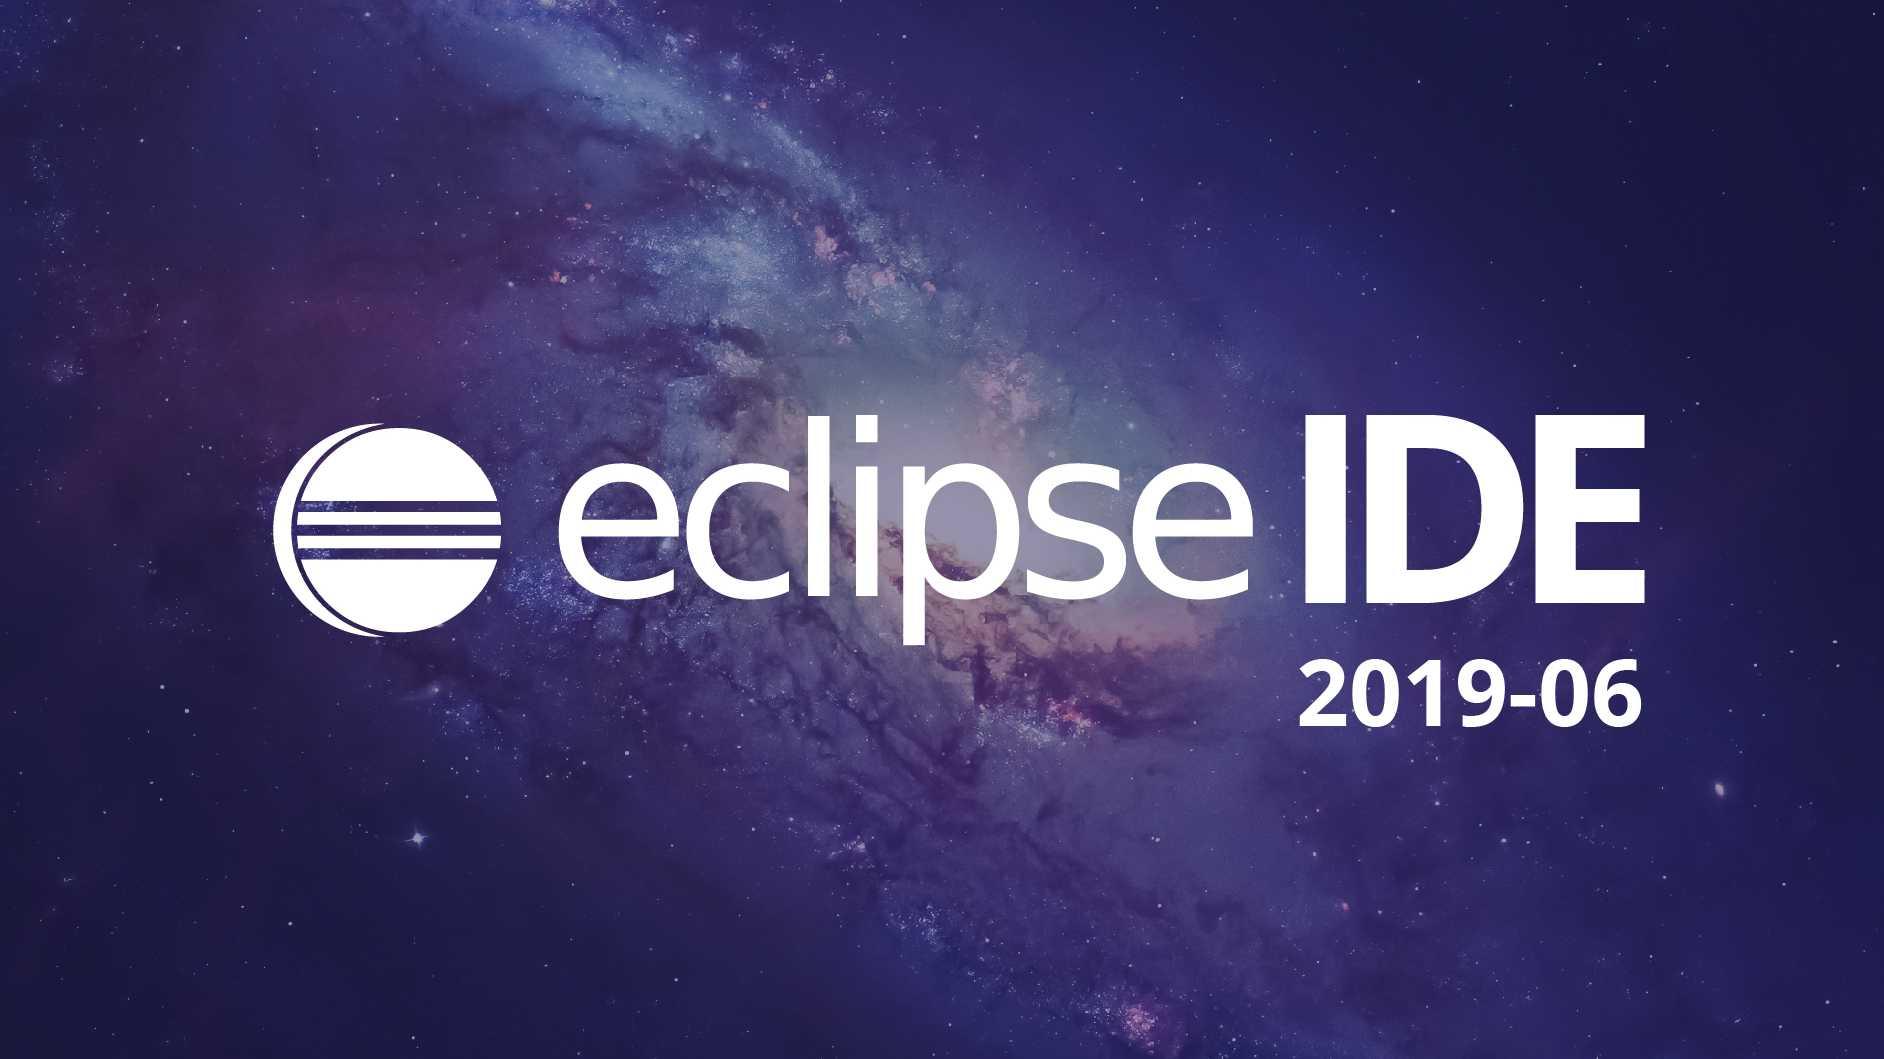 Entwicklungsumgebung: Eclipse 2019-06 steigert die Geschwindigkeit und den Komfort